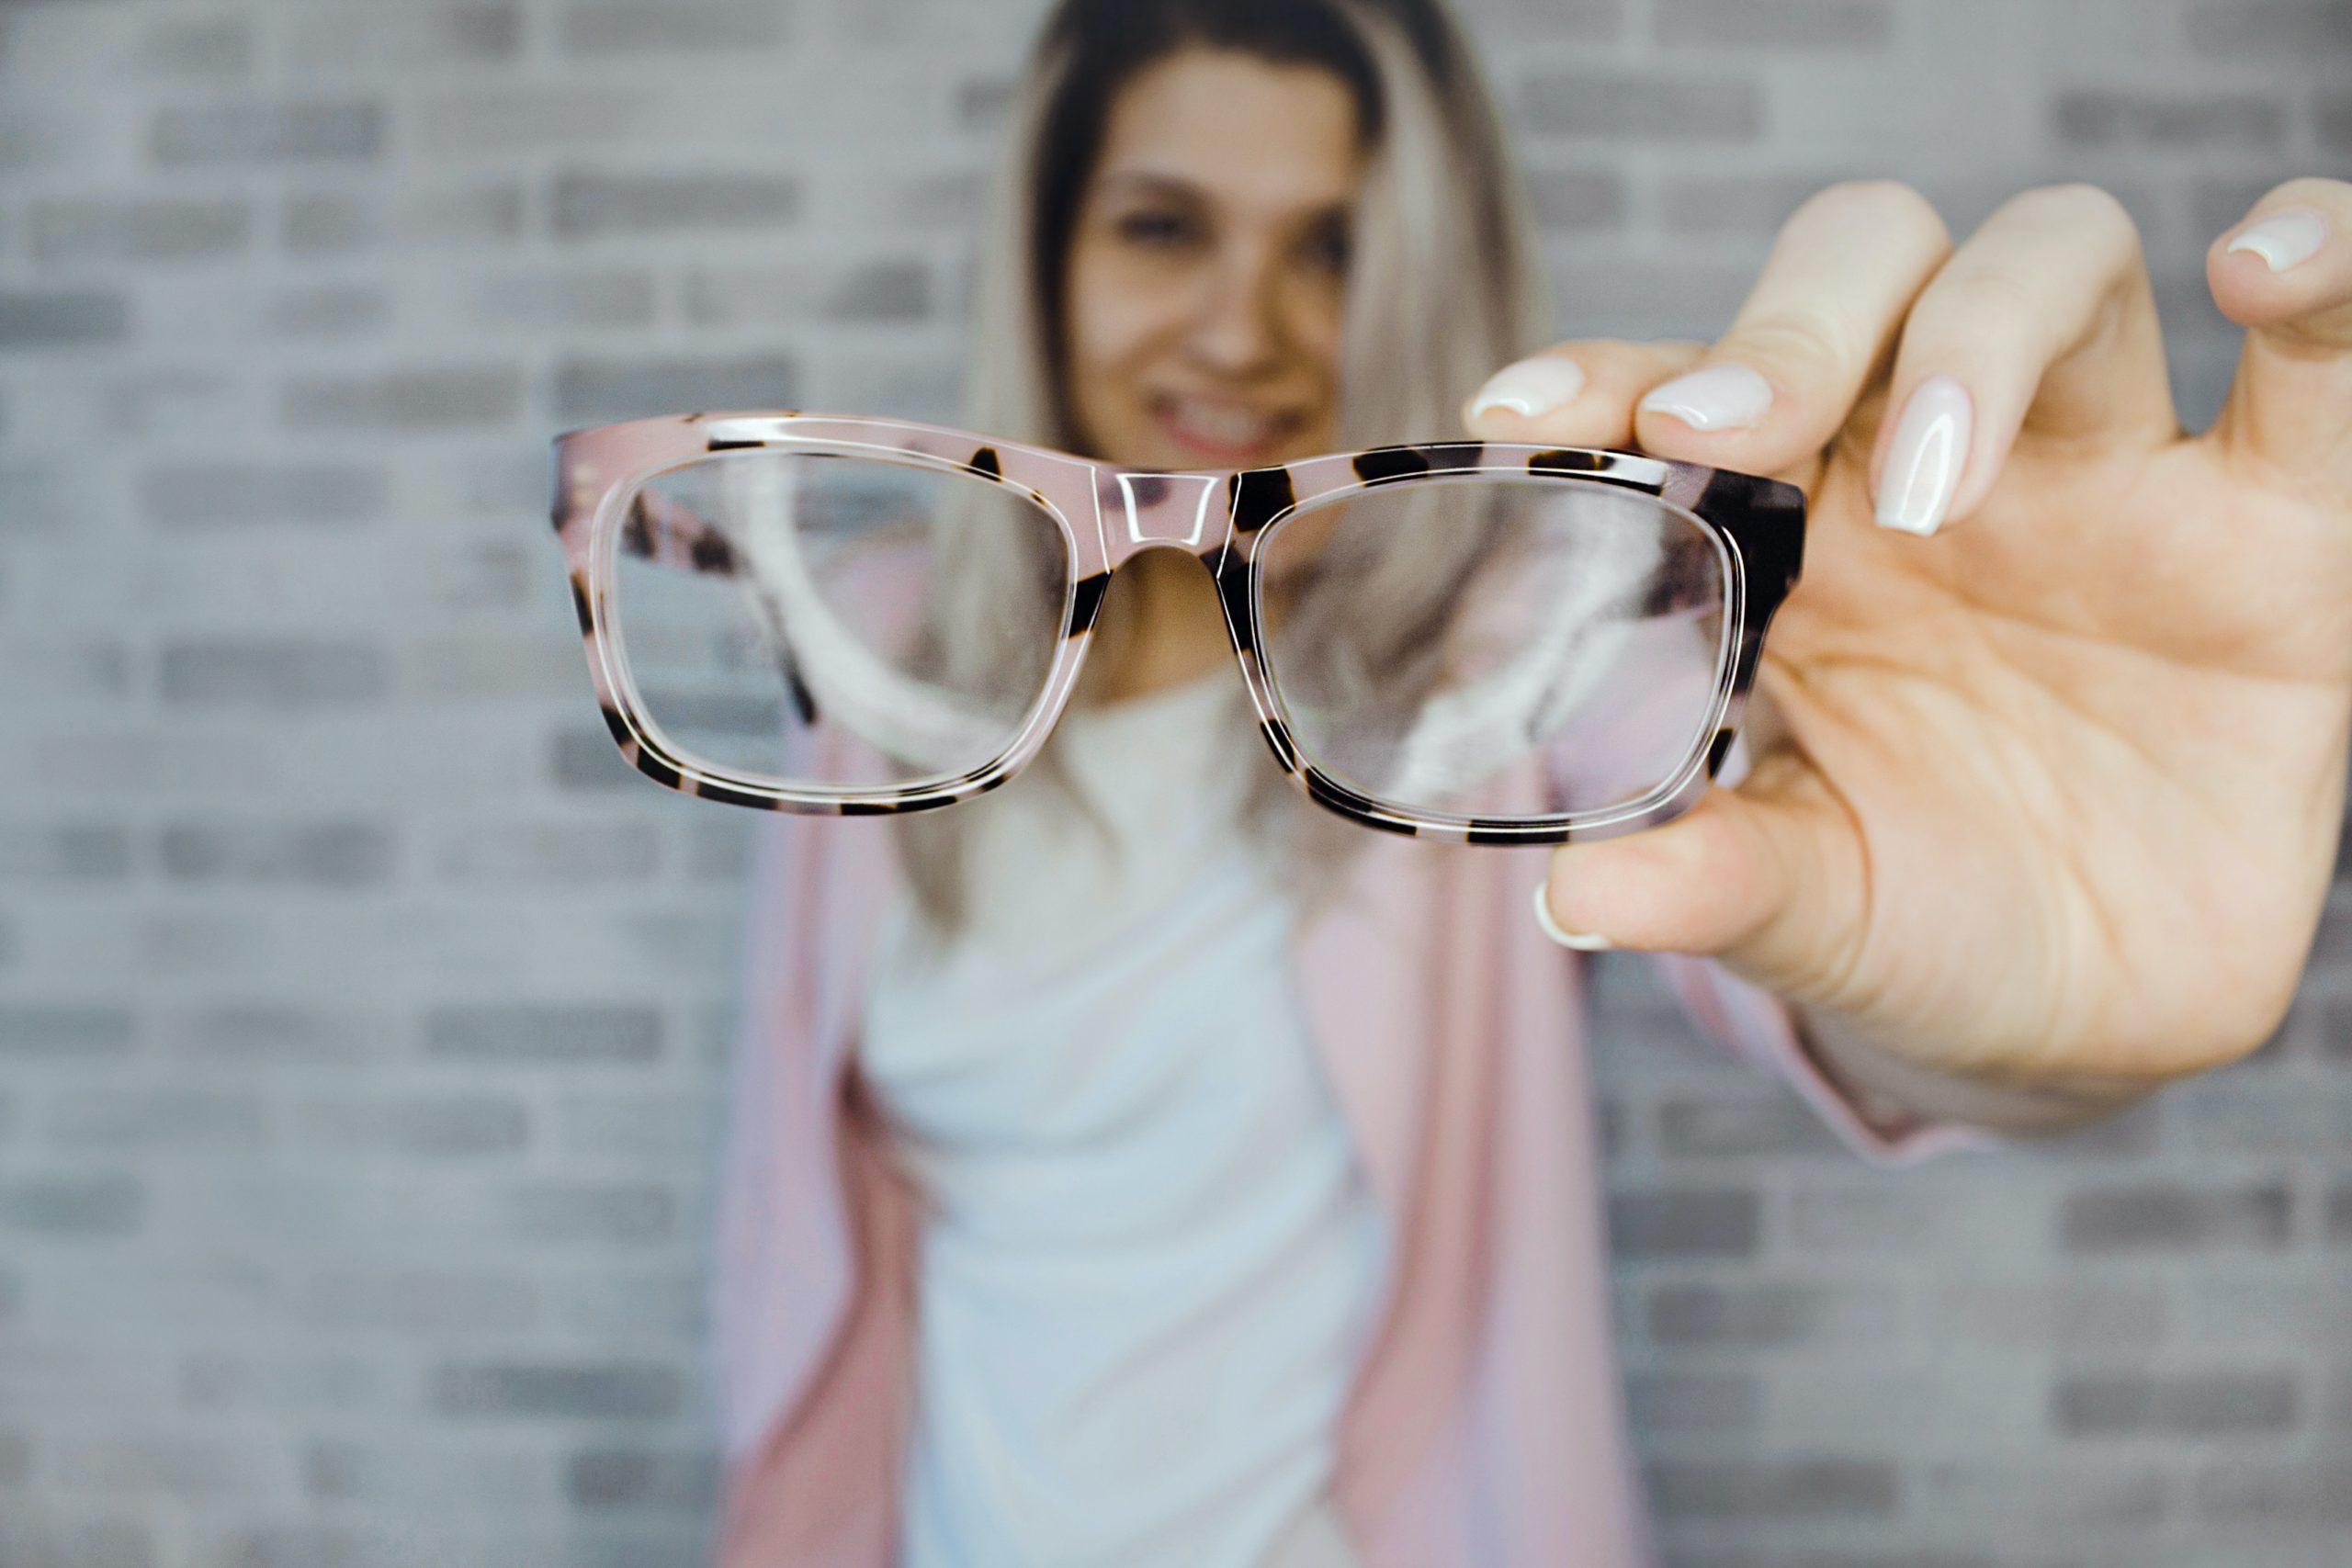 Taking care of eyesight